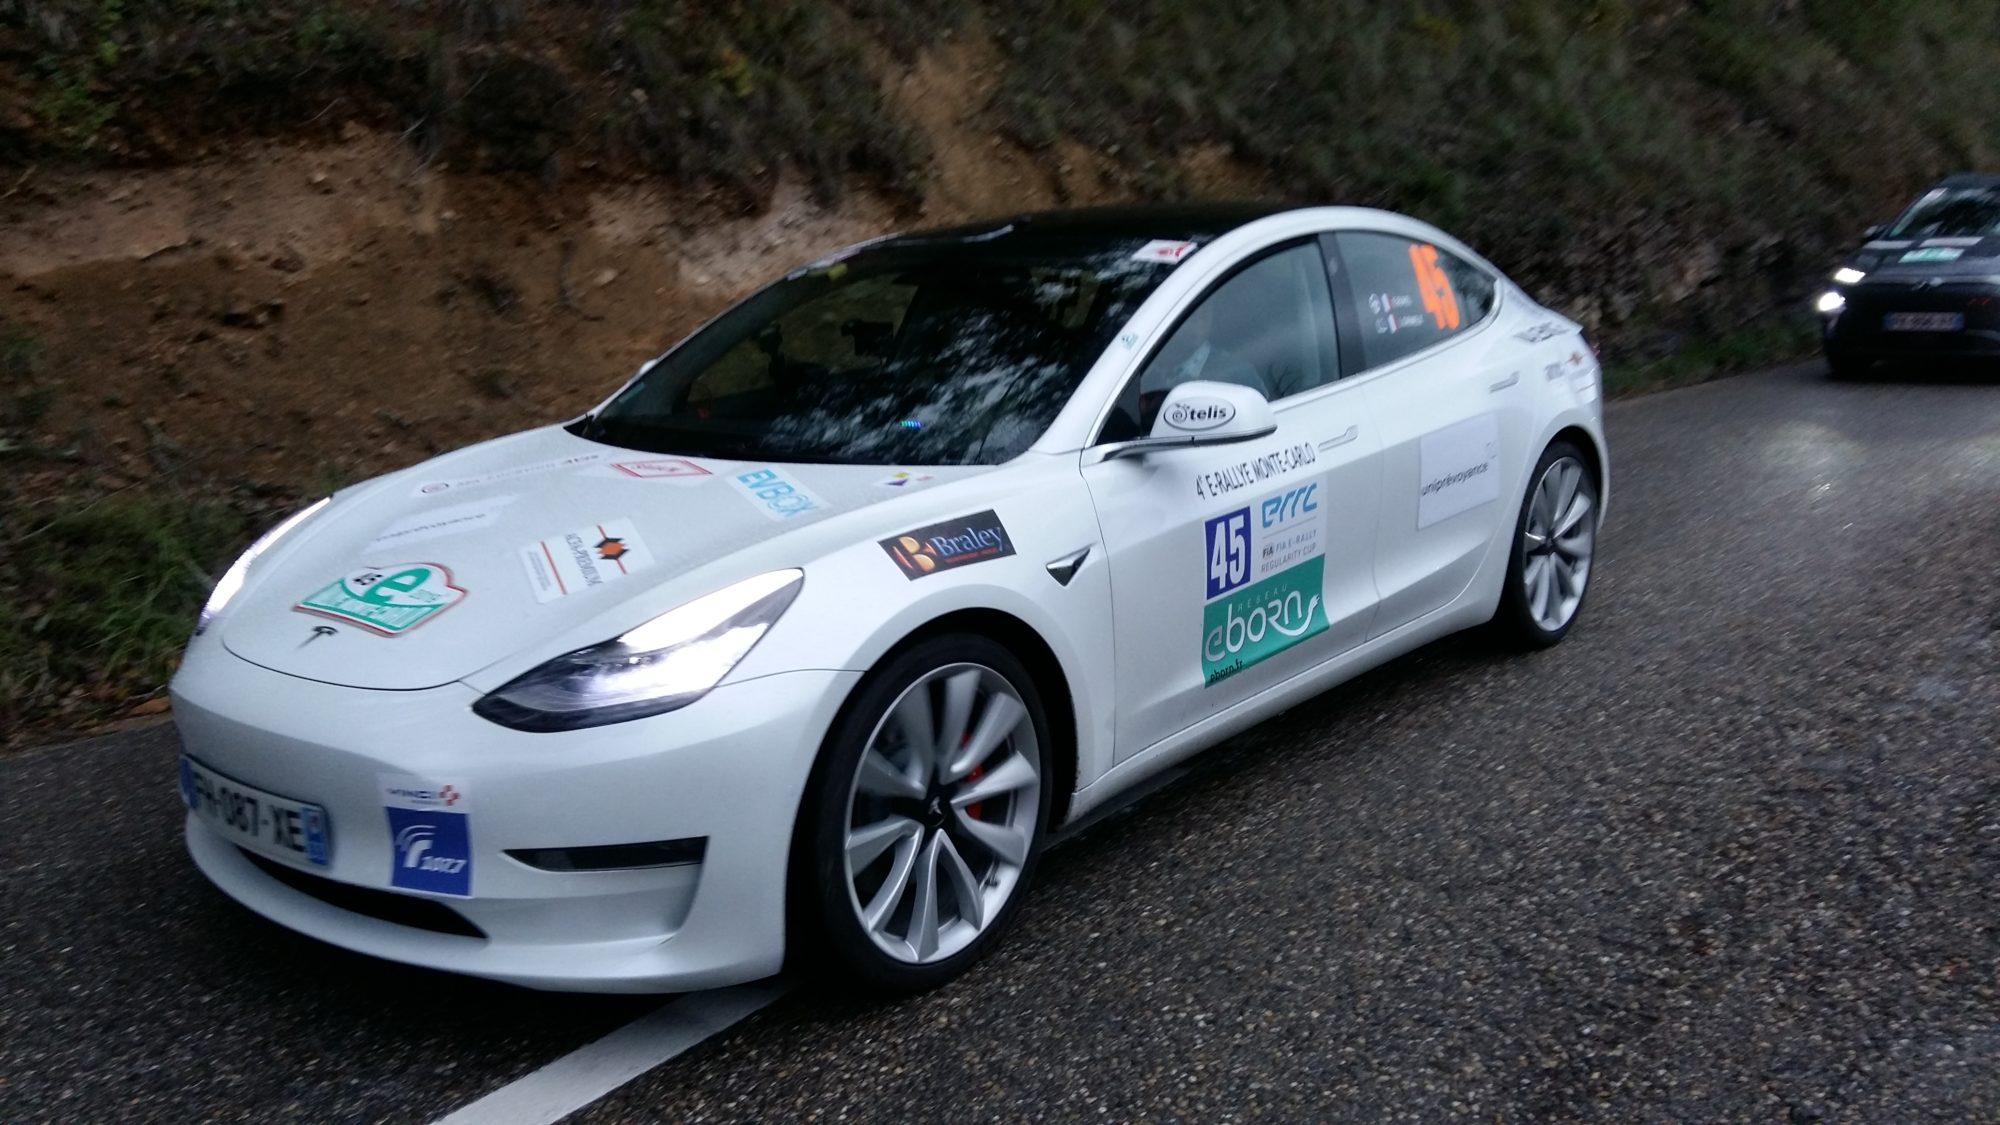 Eborn, pour la deuxième année consécutive, est partenaire de l'Automobile Club de Monaco pour le eRallye Monte-Carlo 2019 !